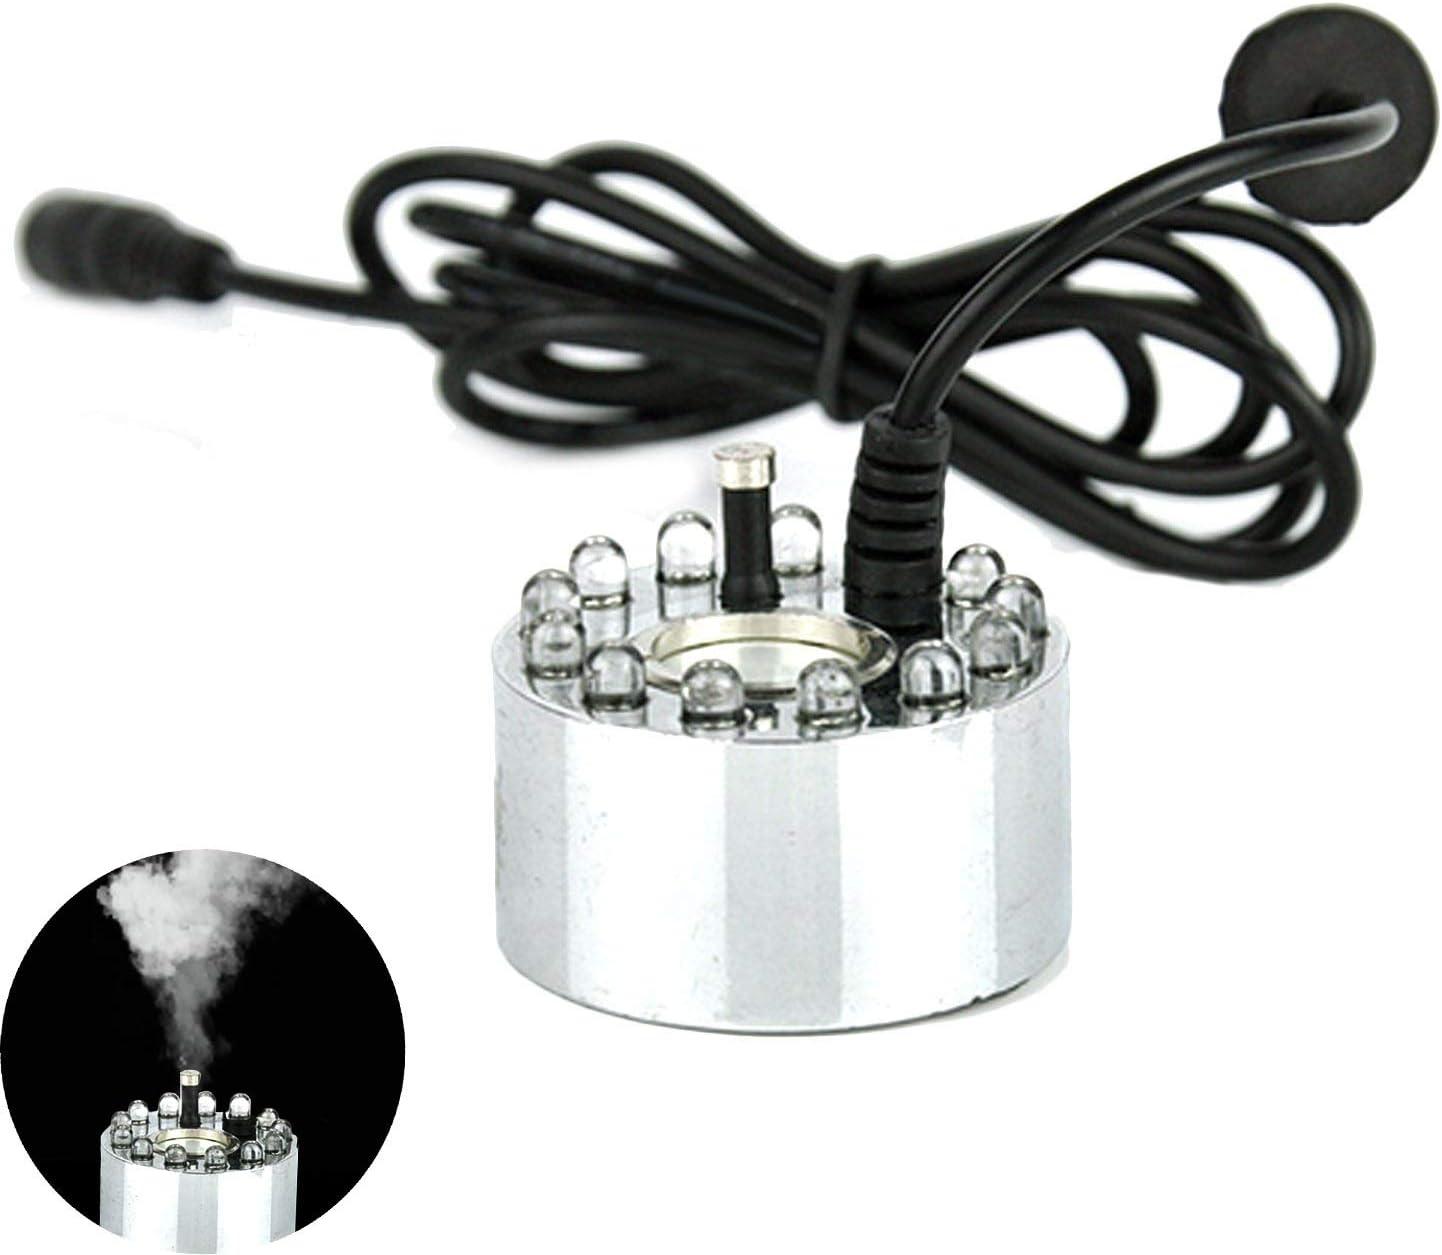 Humidificateur à ultrasons mist maker nébuliseur eau fontaine étang atomiseur IH